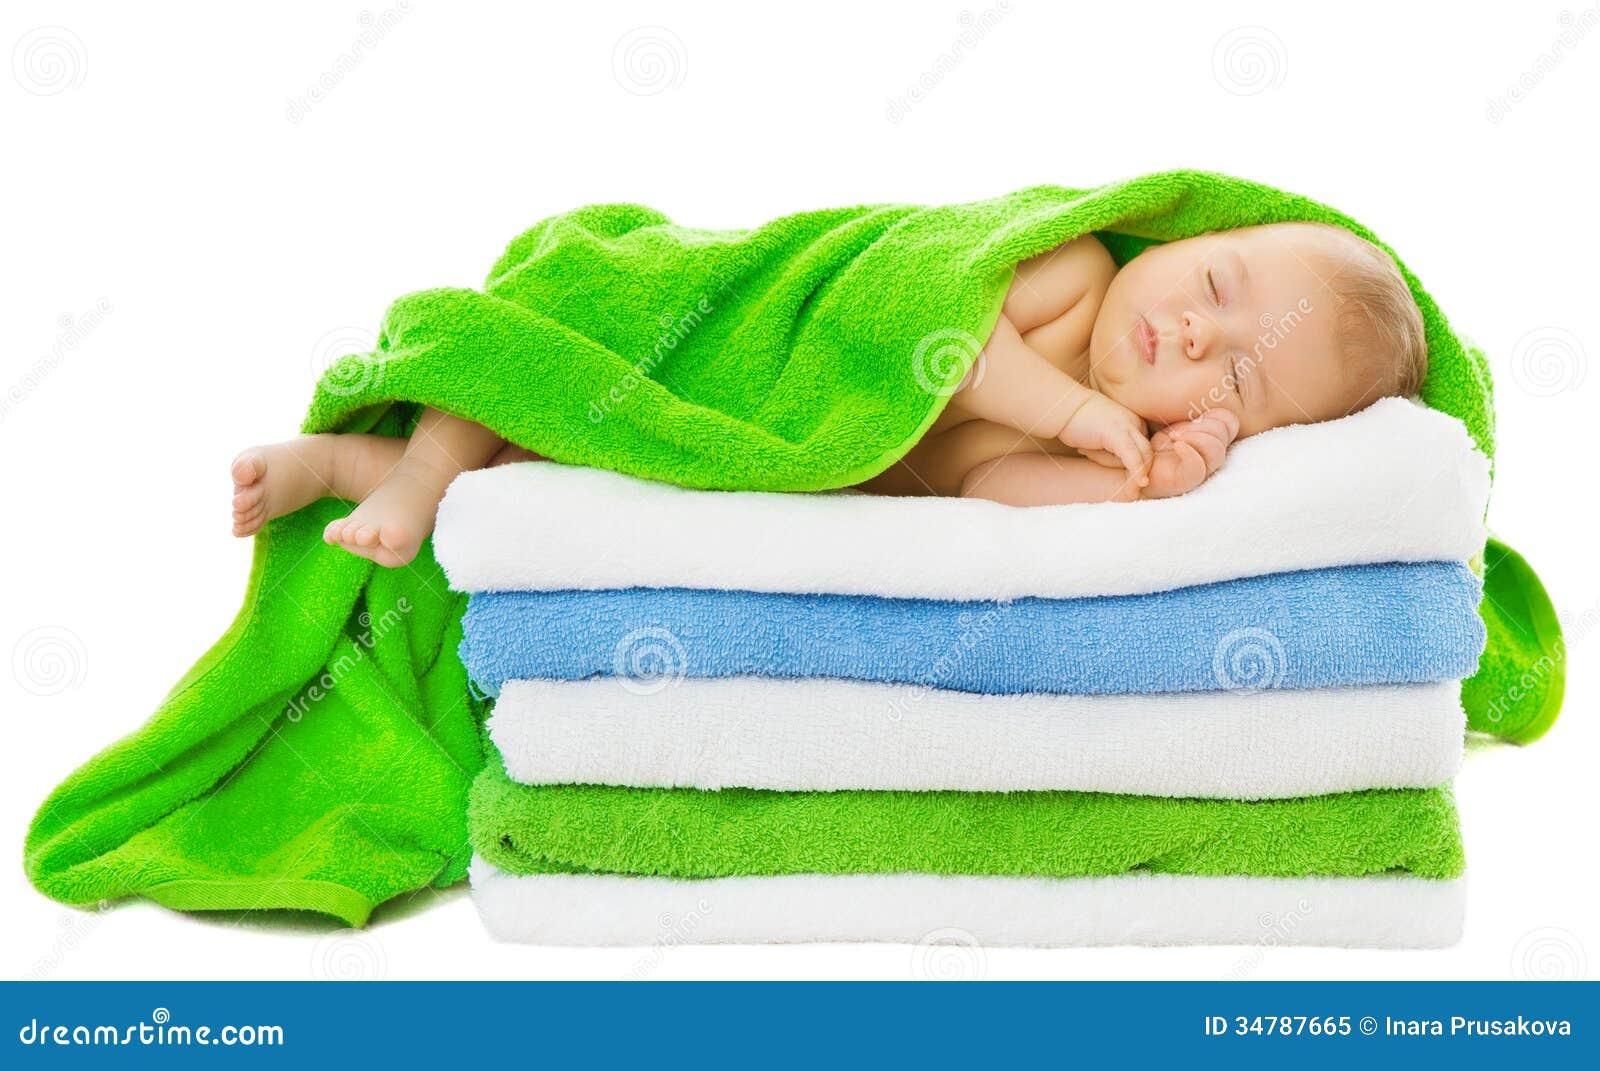 Baño Del Recien Nacido Normal:El dormir recién nacido del bebé envuelto en toallas de baño sobre